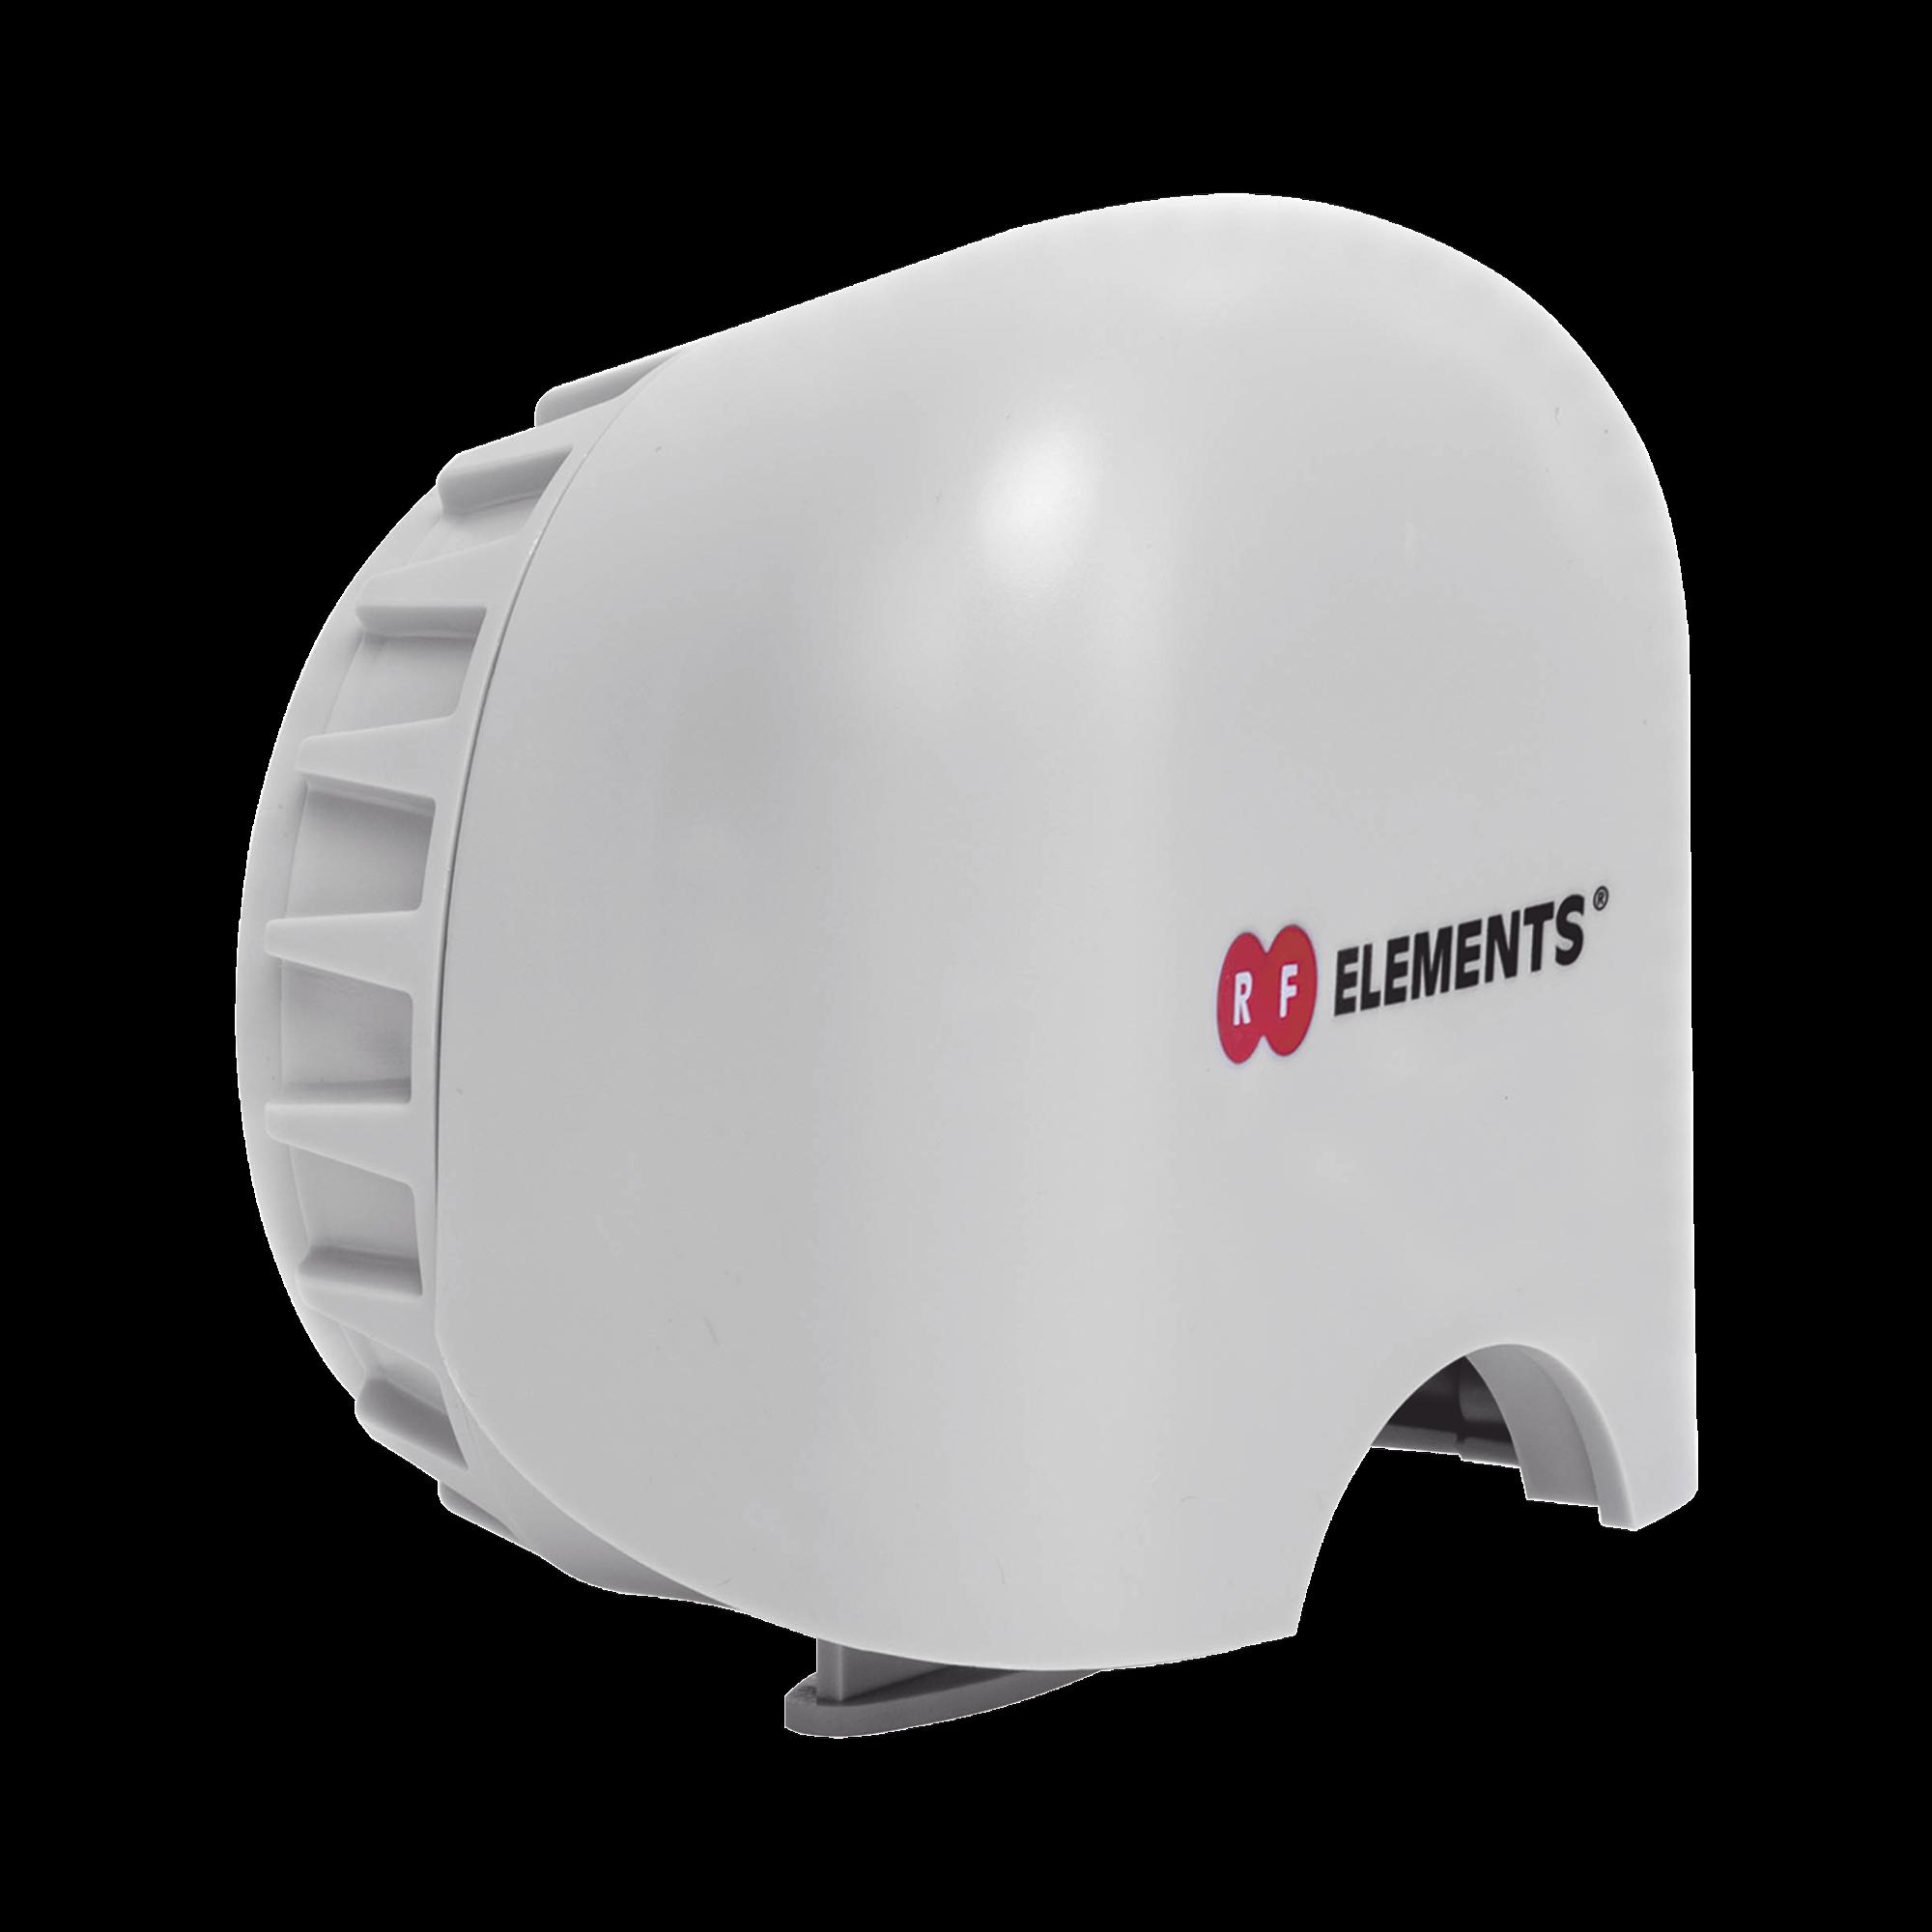 Adaptador TwistPort? para Radio Mimosa C5C listo para antenas tipo cuerno, 5180-6400 MHz sin perdidas